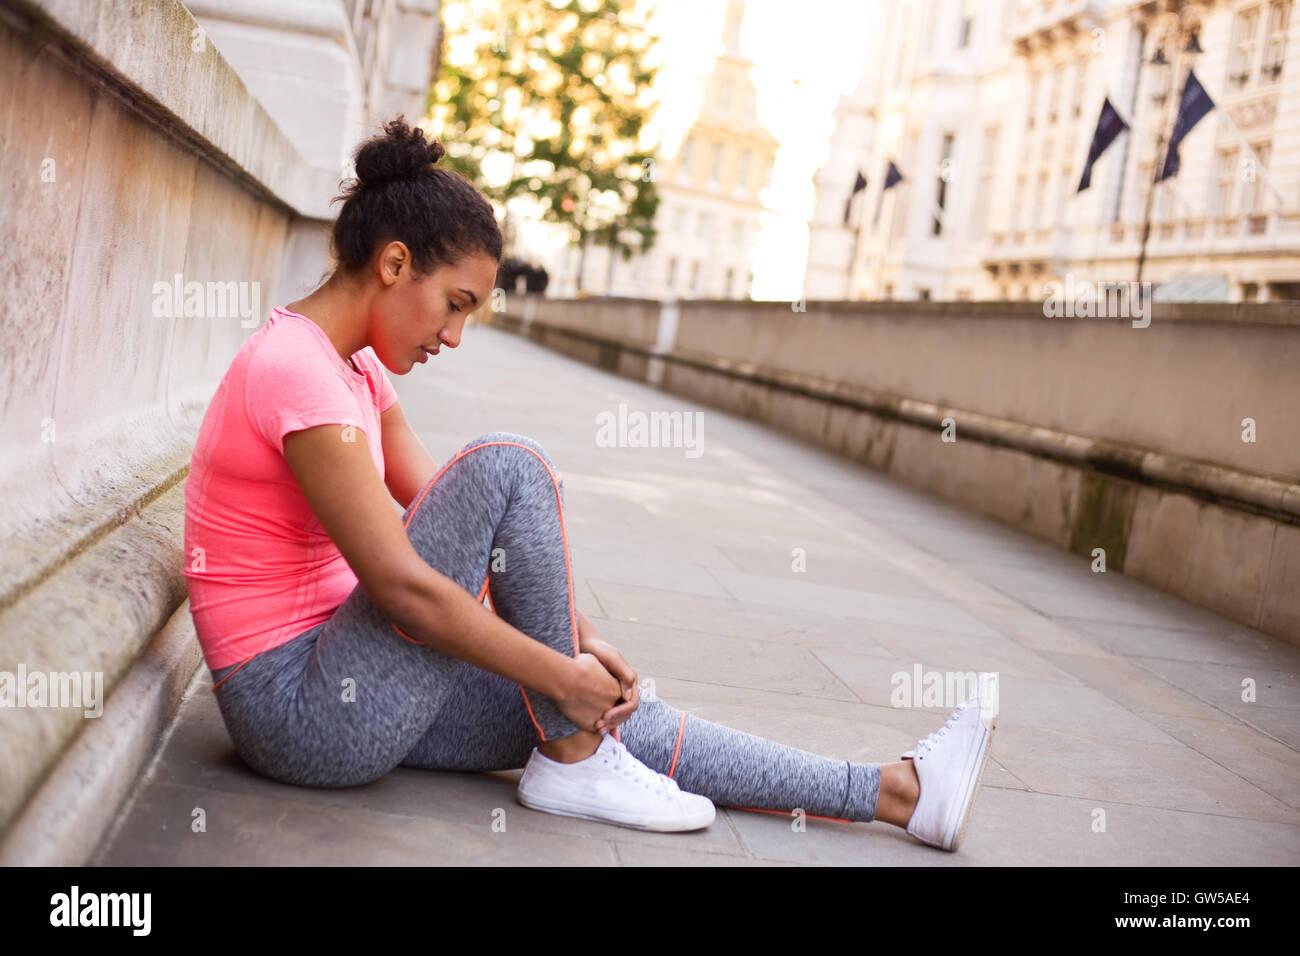 Jeune femme sentant son cheville douloureuse après l'exercice Photo Stock